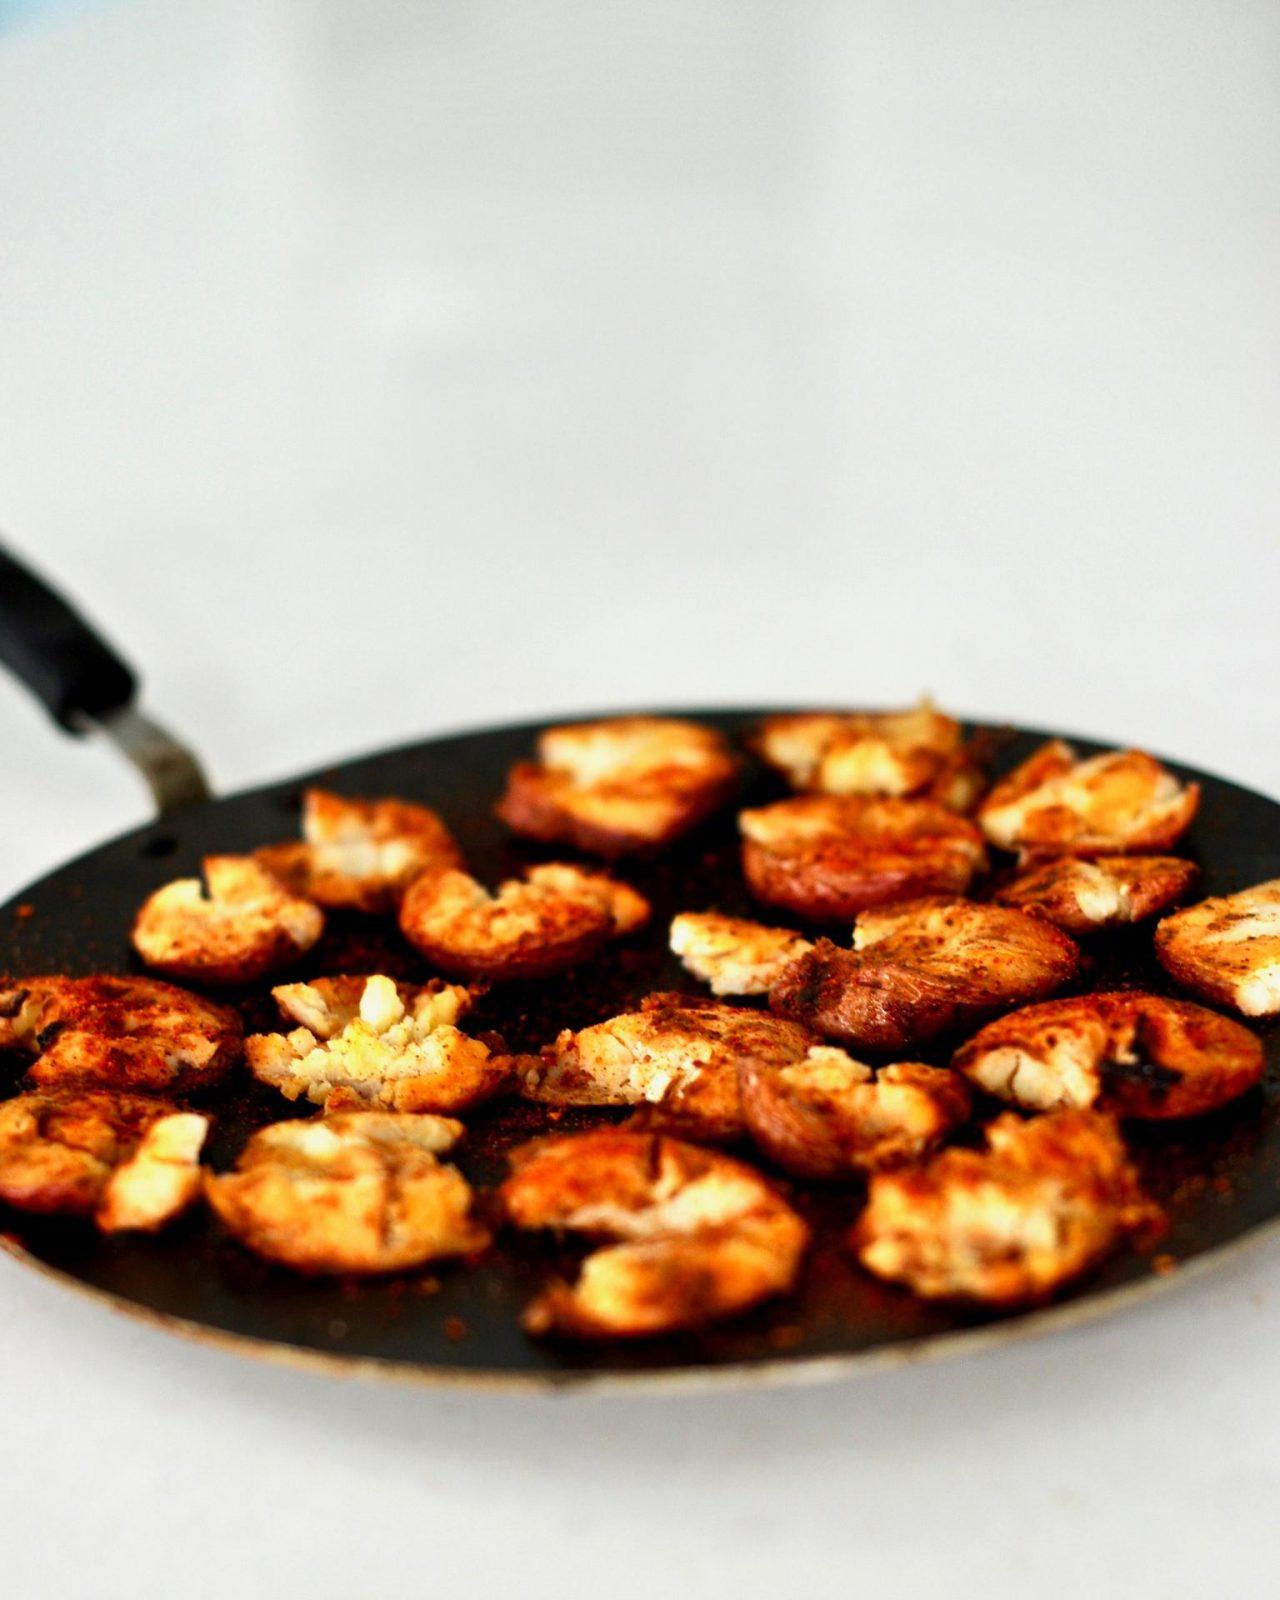 Taco Spiced Crispy Smashed Potatoes